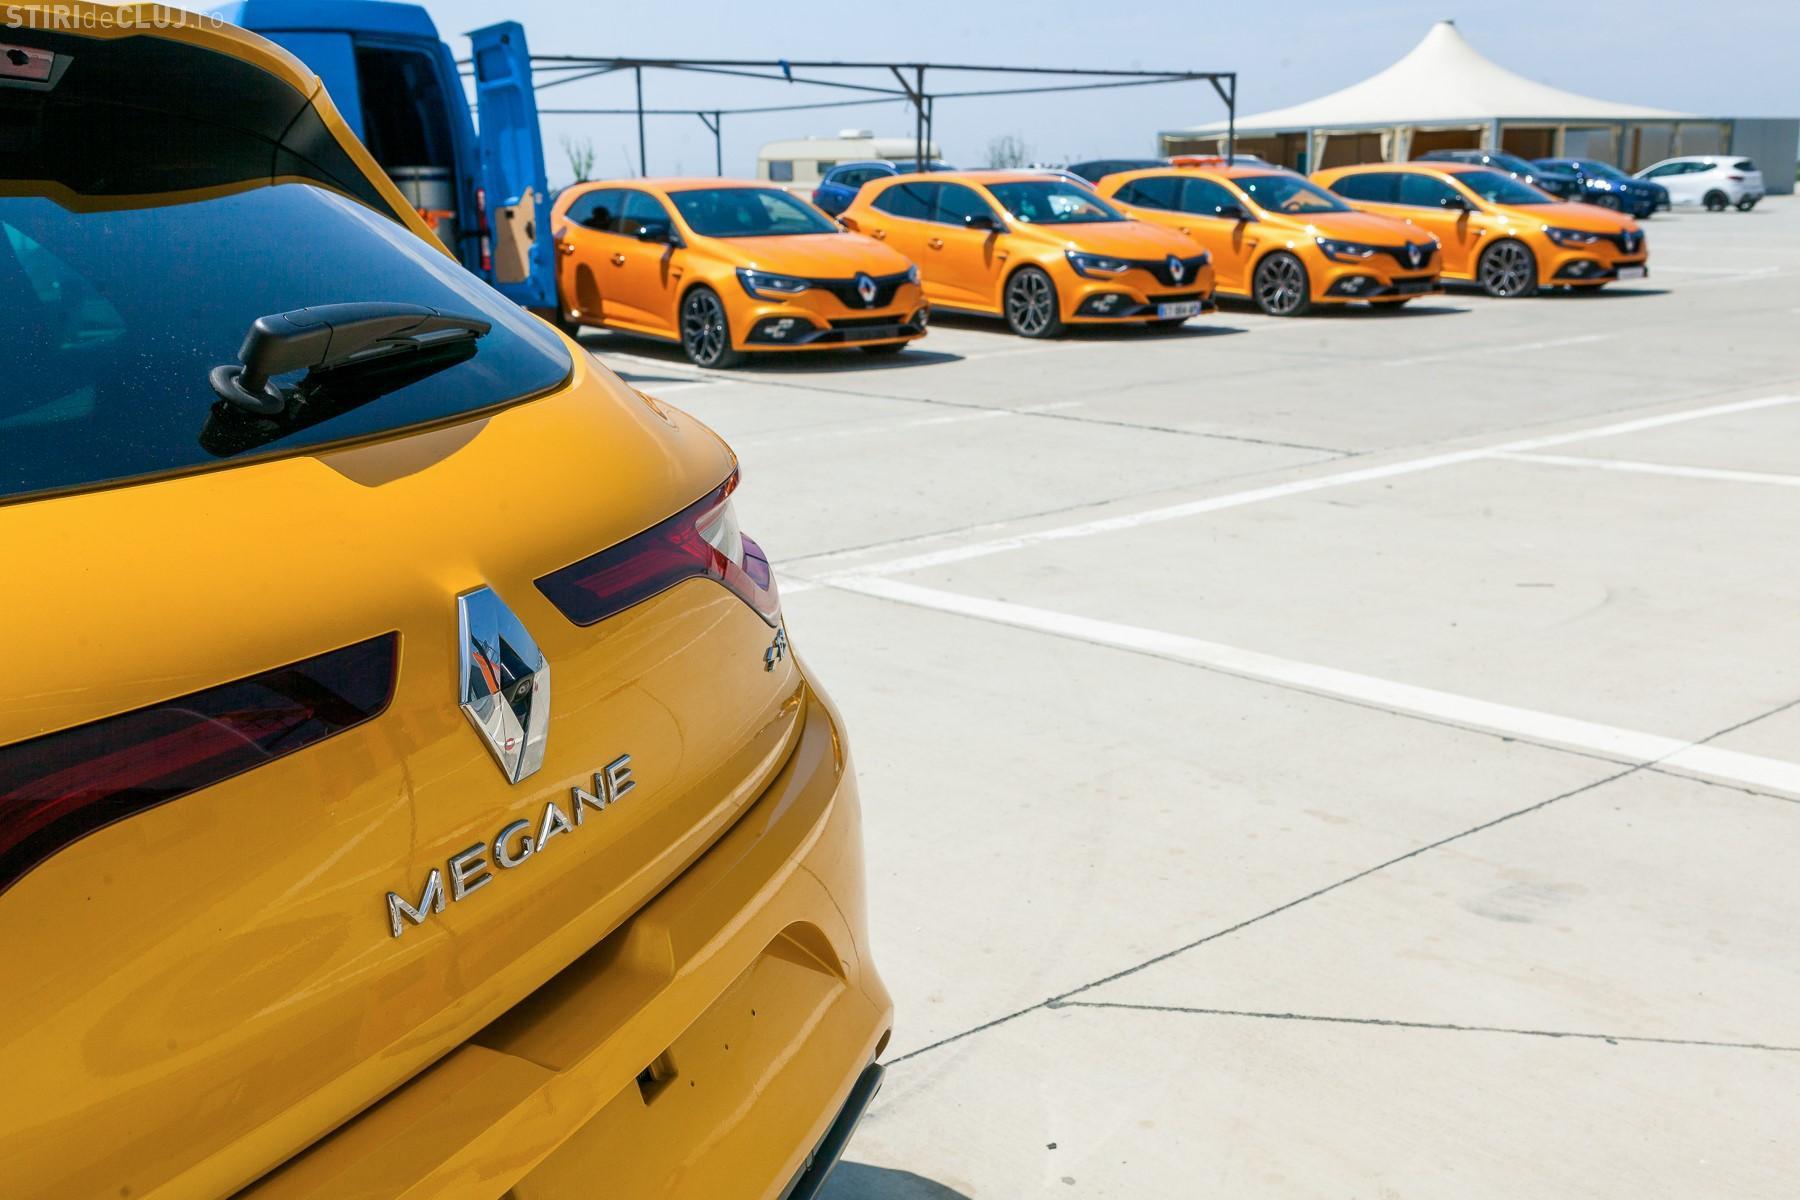 Noul Renault MEGANE R.S. vine în Cluj. Testează tehnologia și simte adrenalina! (P)